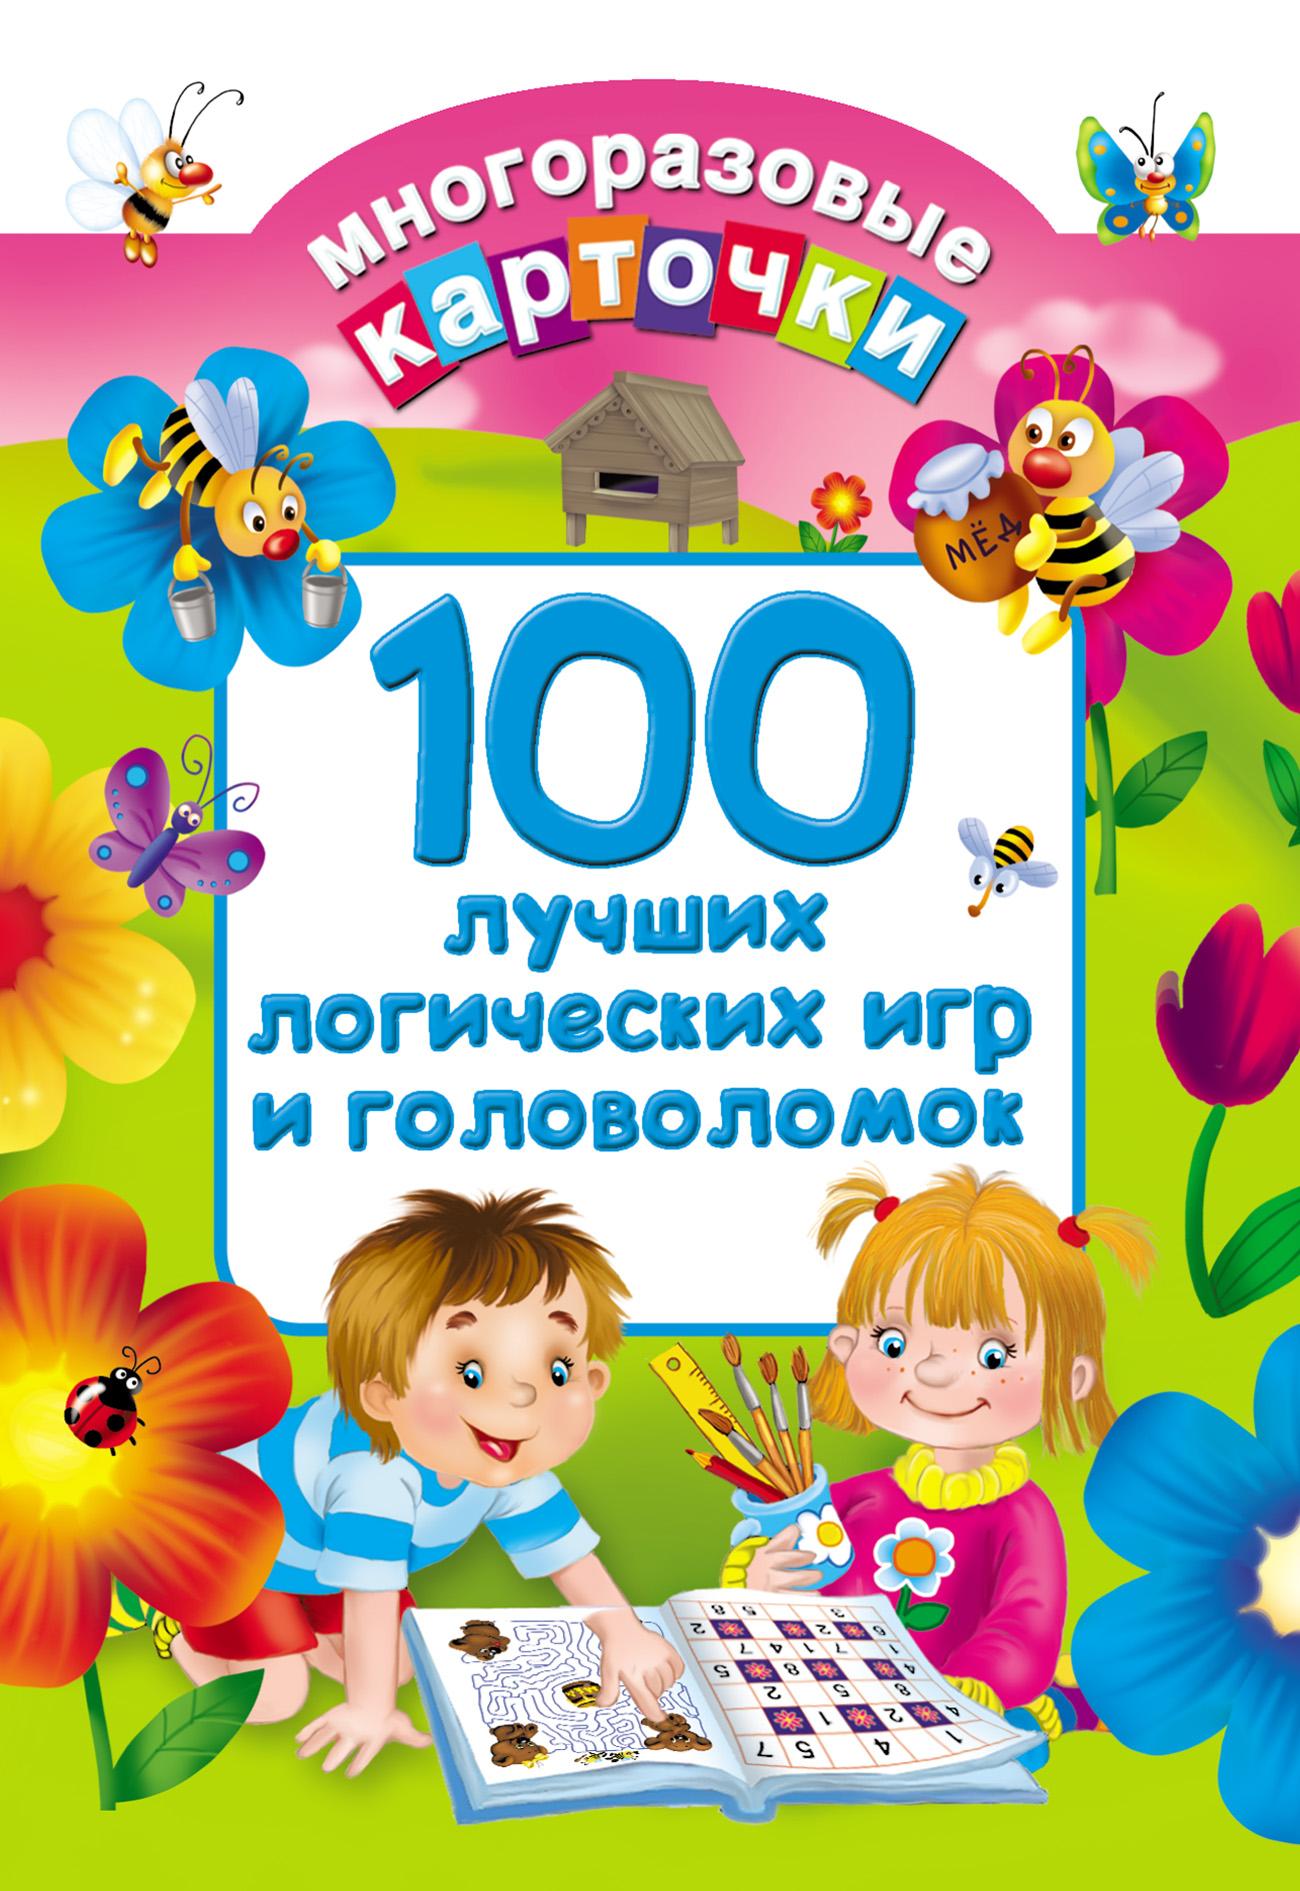 Фото - Отсутствует 100 лучших логических игр и головоломок отсутствует лучшая книга логических игр и головоломок для самых умных